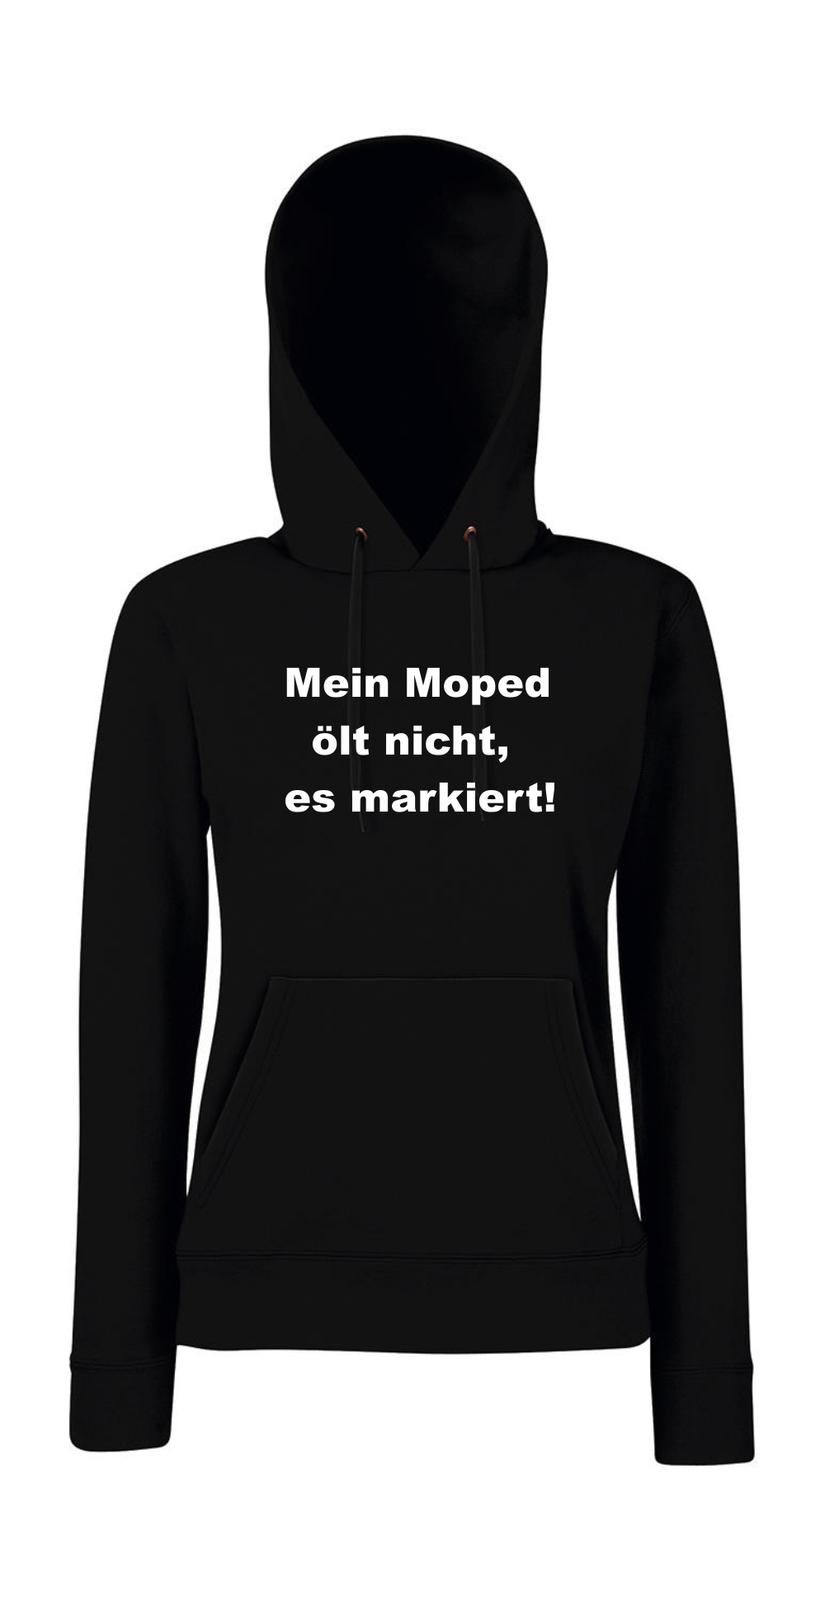 Mein Mein Mein Moped Ölt Non , Es Taggati  i Detto Digreenente Girlie Felpa con Cappuccio 657919